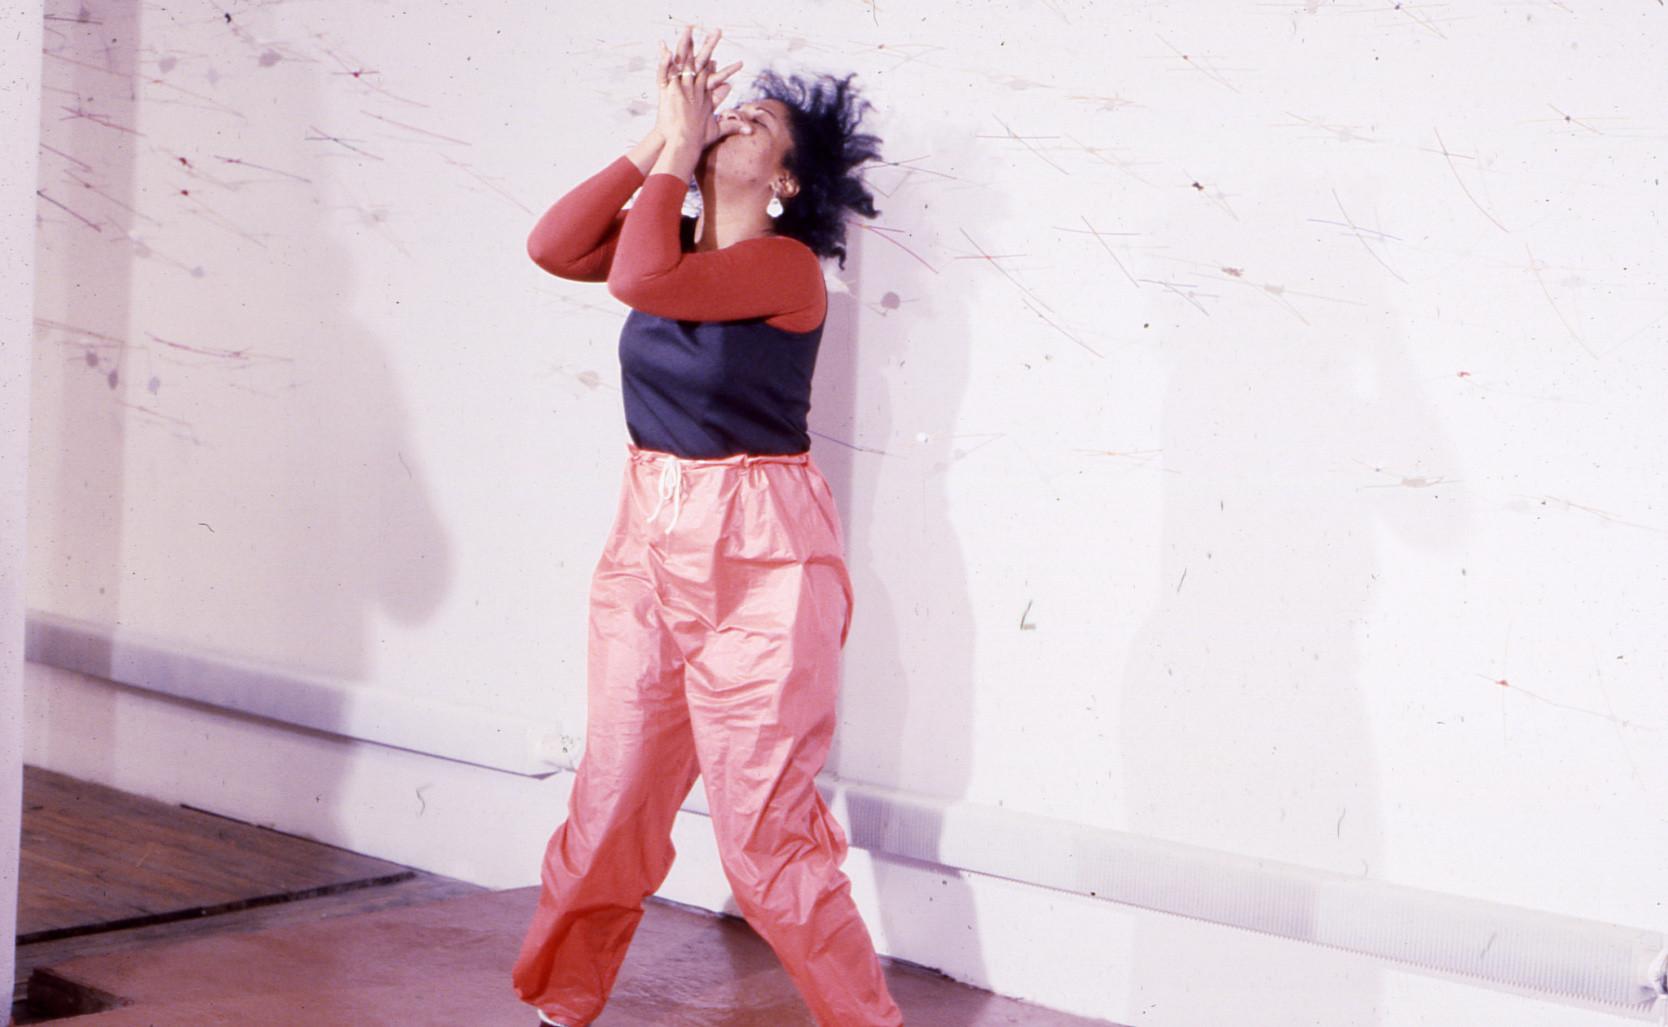 El MoMA ofrece cursos de arte virtuales y gratuitos  durante el confinamiento